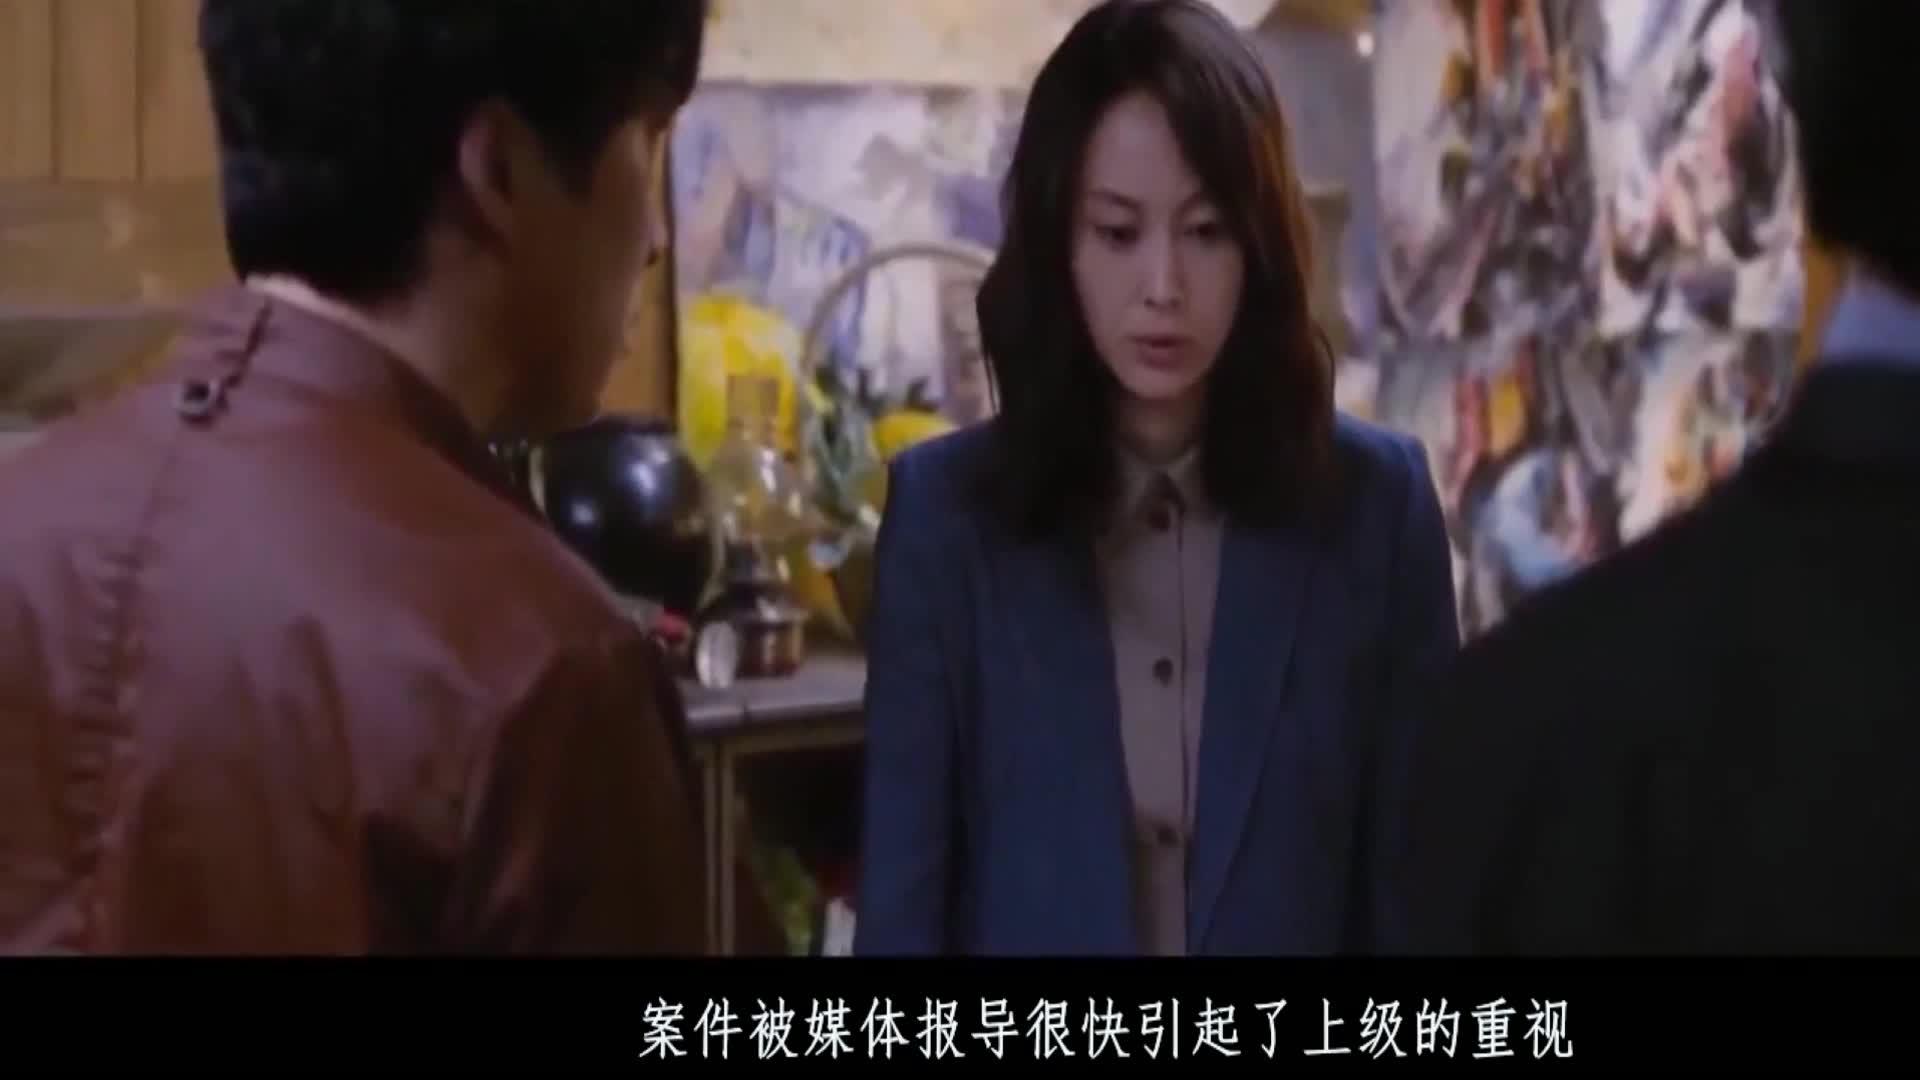 #韩国伦理《嚎叫》#3分钟看完韩国剧情伦理片《嚎叫》,看完让人难受的喘不过气